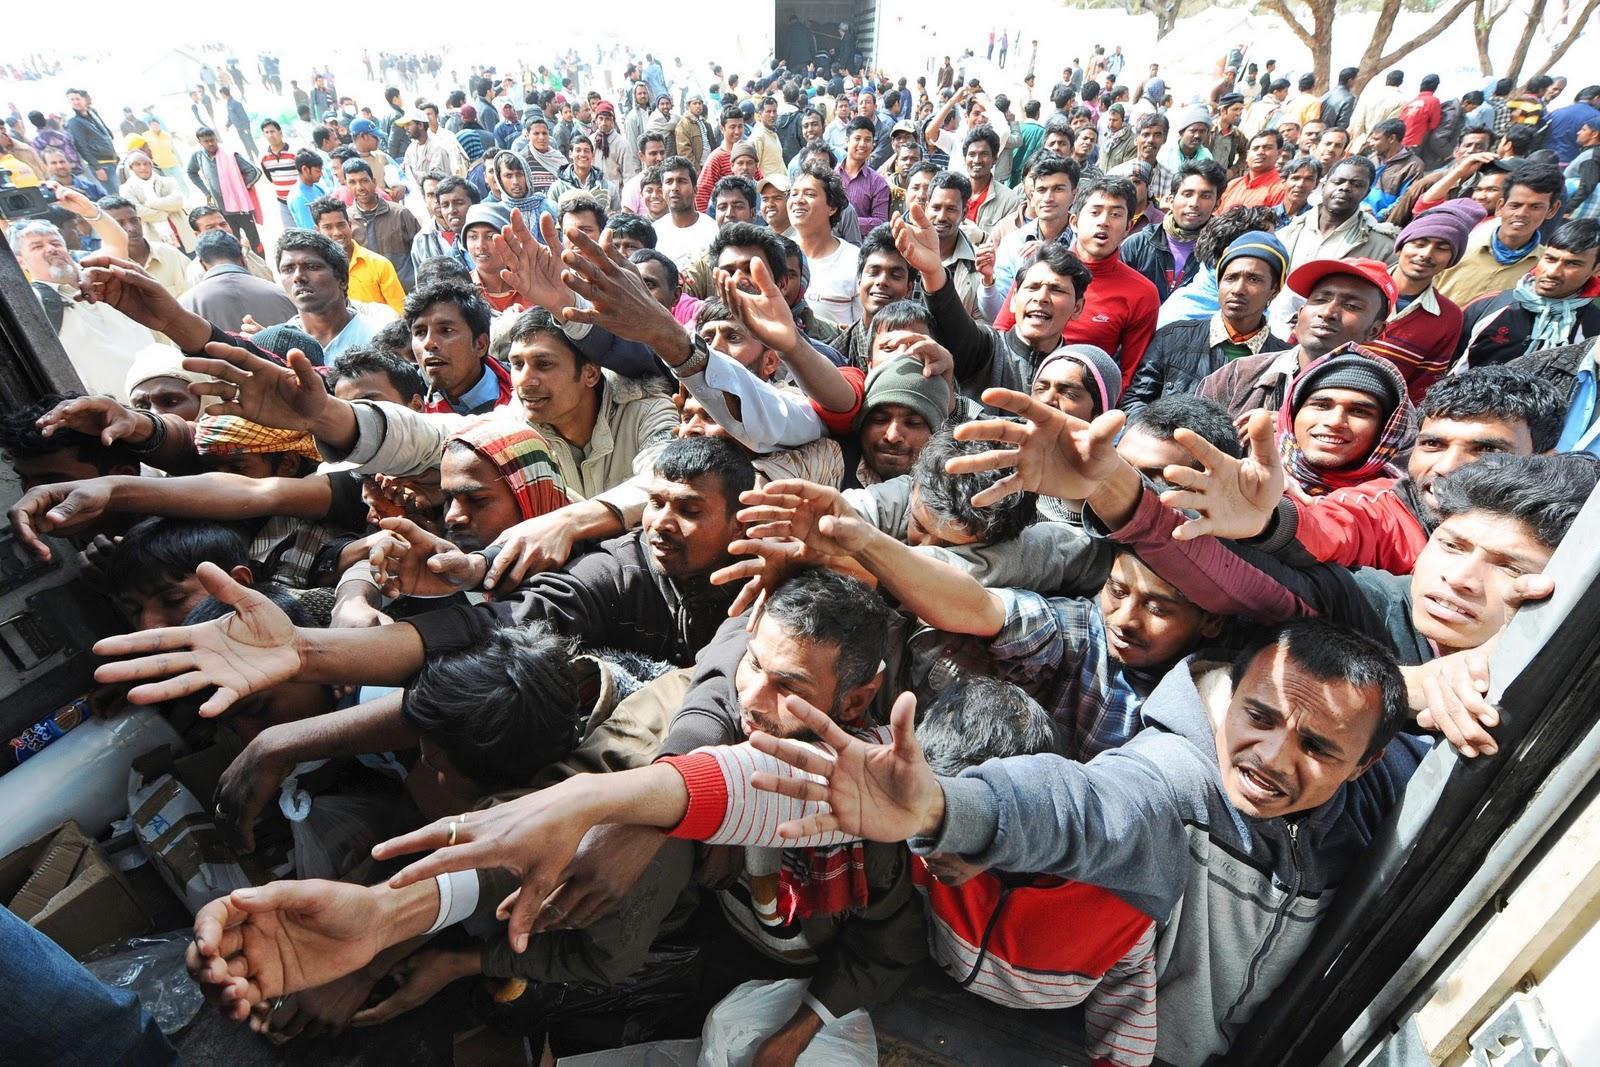 Libia: Daesh minaccia di inviare oltre 500.000 immigrati verso l'Italia, allarme infiltrazione terroristica